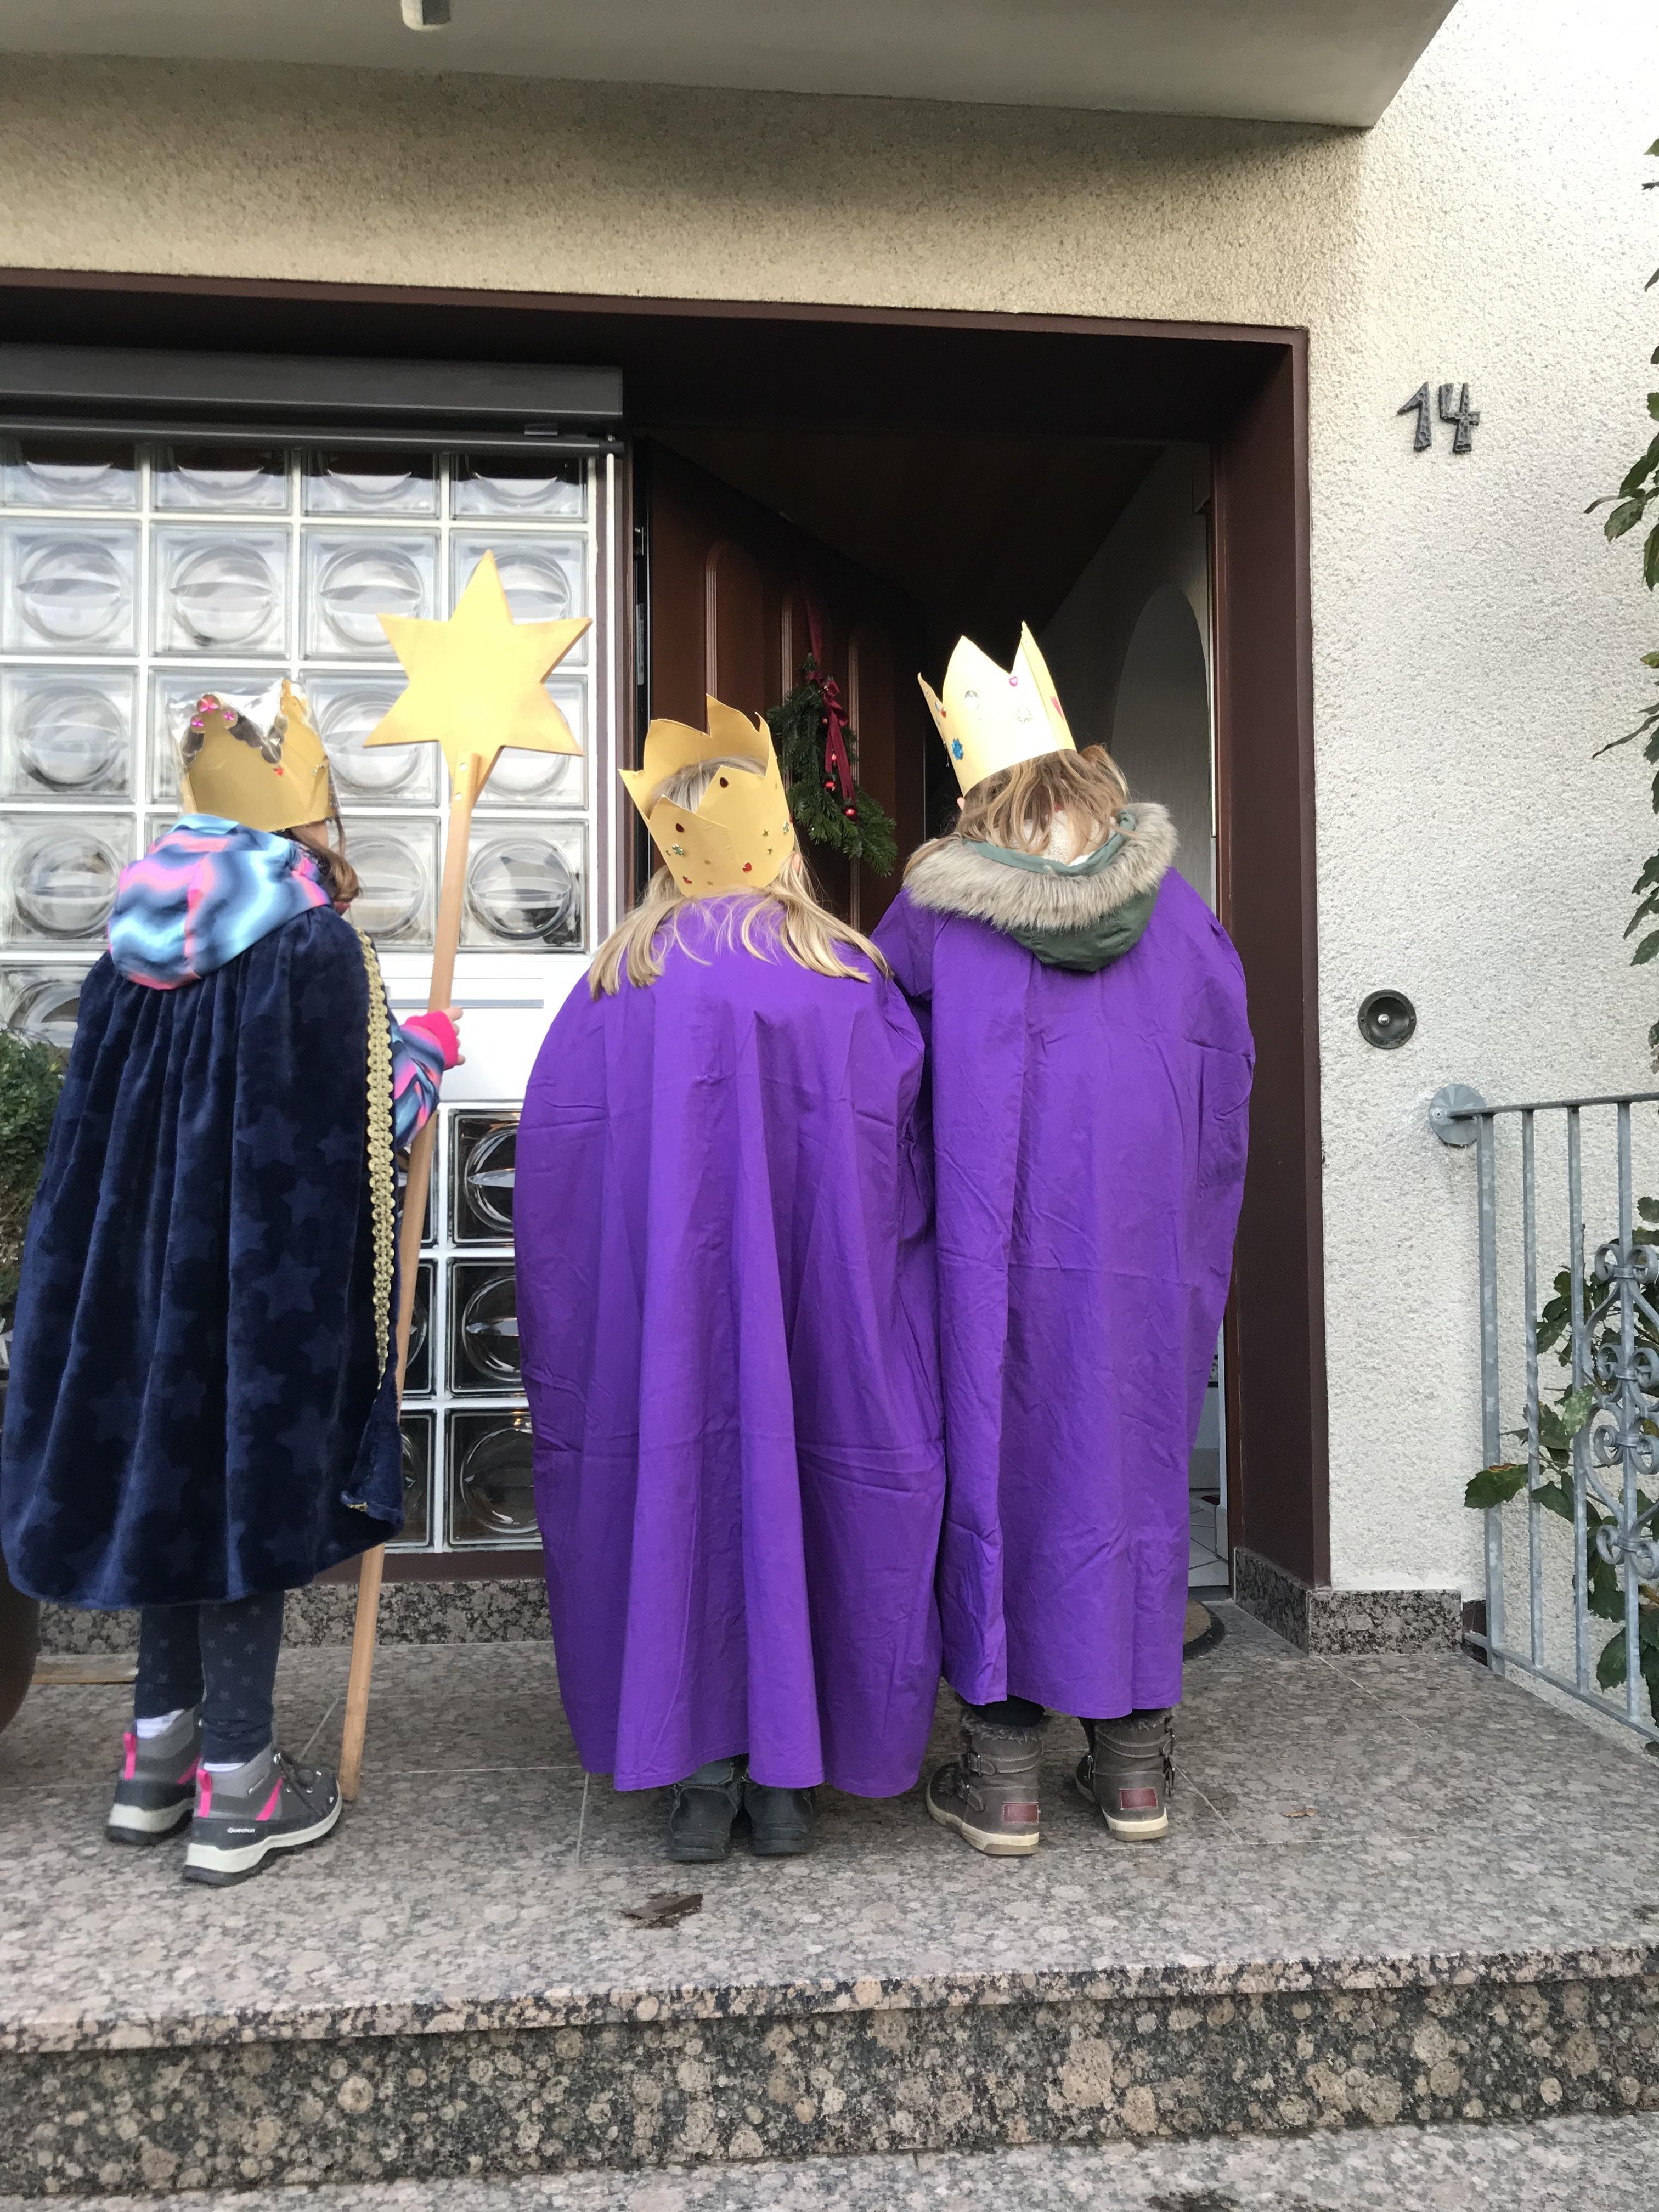 Könige*innen vor der Tür